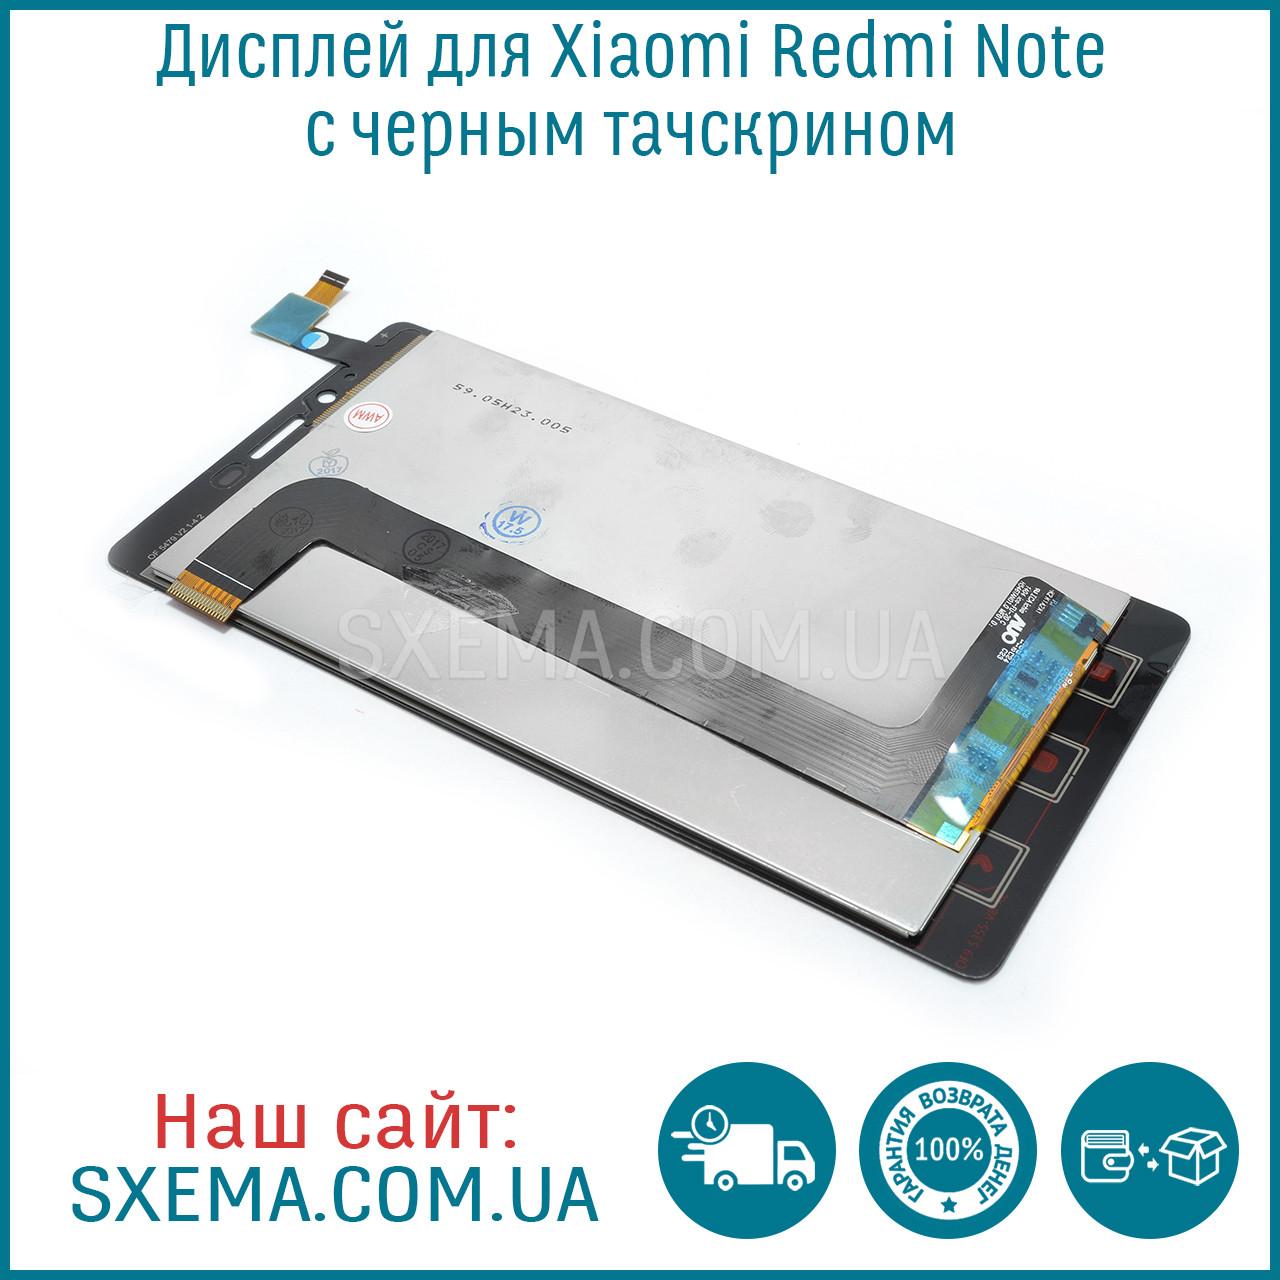 Дисплей для Xiaomi Redmi Note c черным тачскрином оригинал